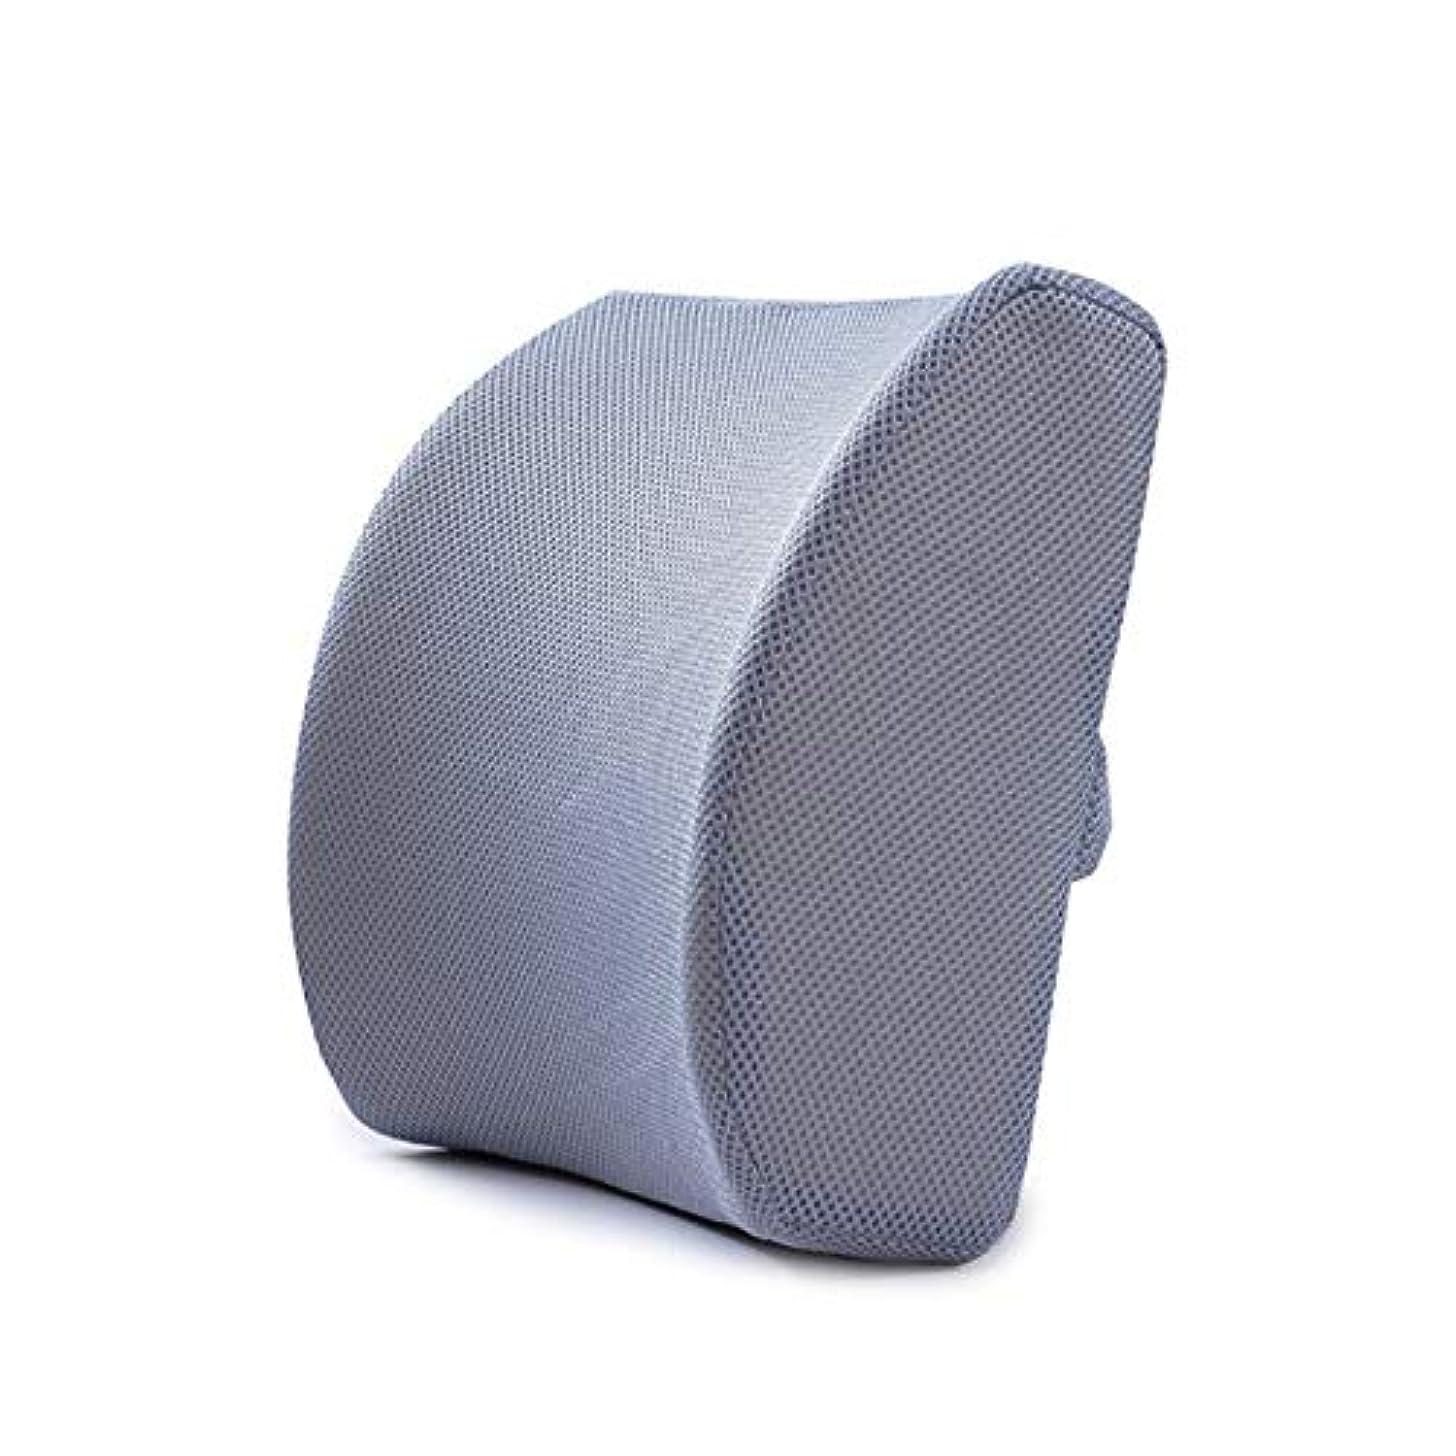 運河タイピスト保全LIFE ホームオフィス背もたれ椅子腰椎クッションカーシートネック枕 3D 低反発サポートバックマッサージウエストレスリビング枕 クッション 椅子